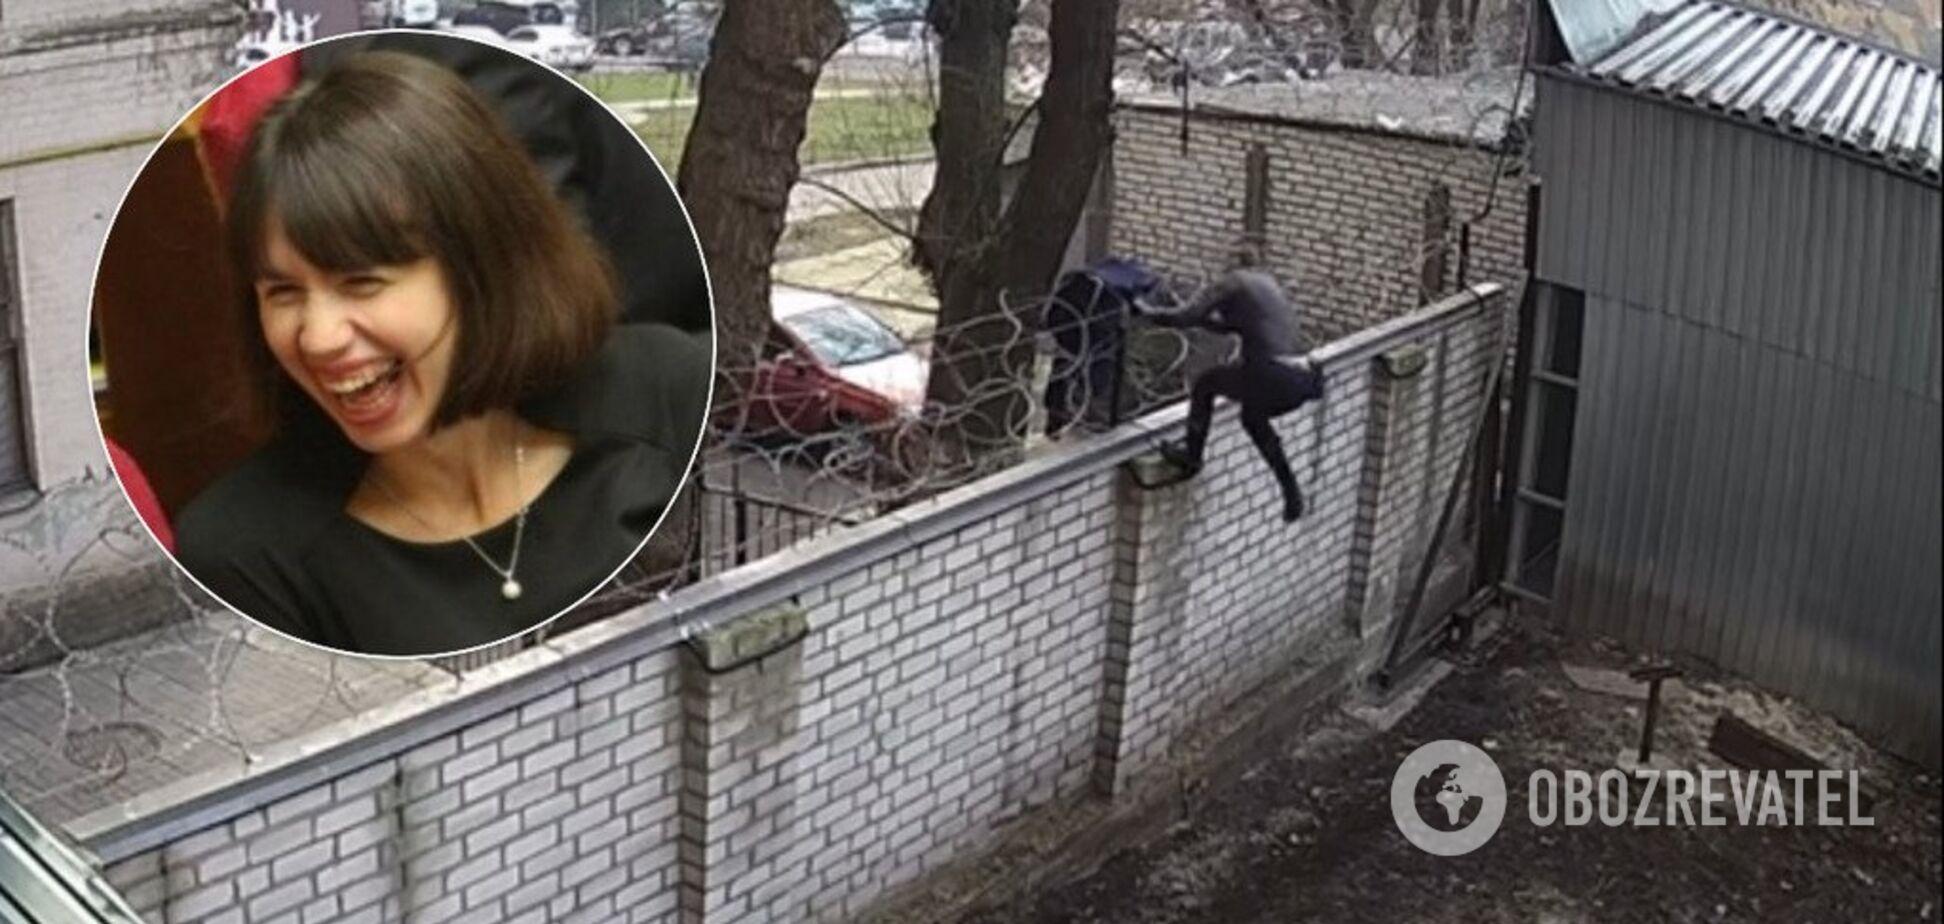 Экс-нардеп Черновол перелезла через забор ГБР с 'колючкой': эпичное видео